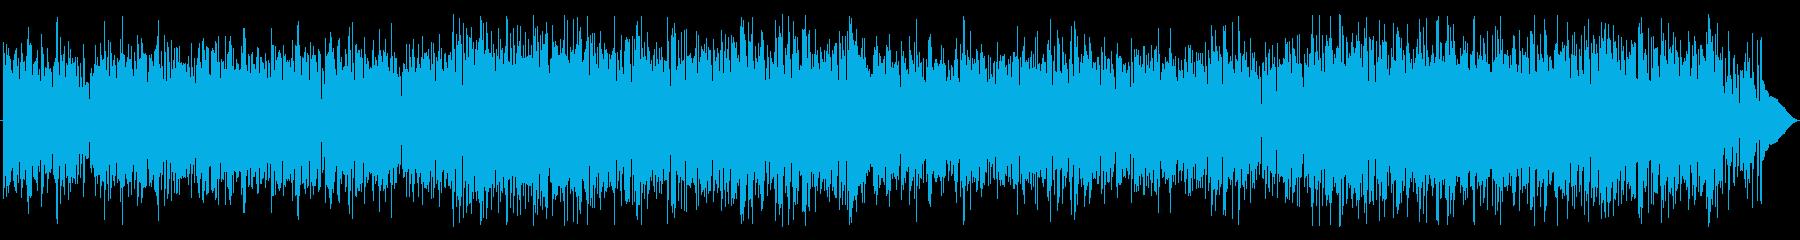 ソフトタッチのファンク ロックの再生済みの波形